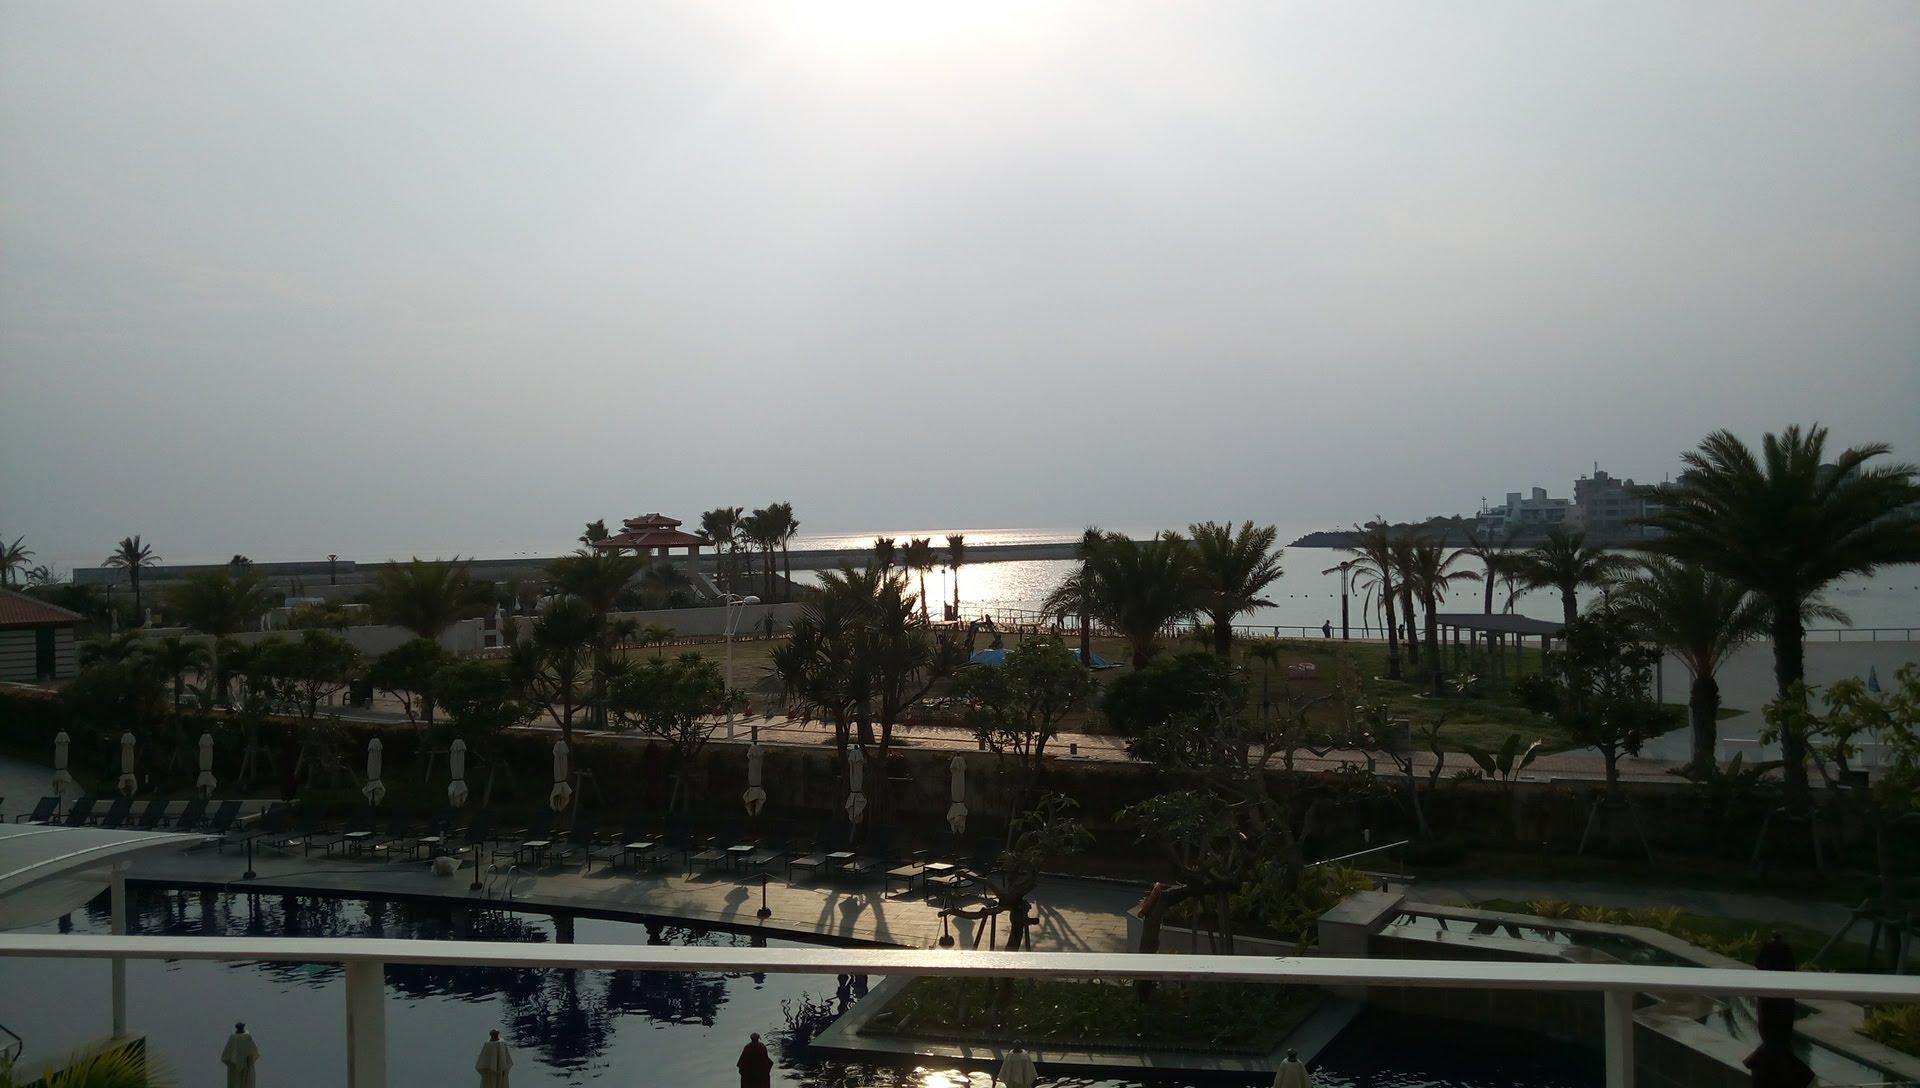 SURIYUNから見える海